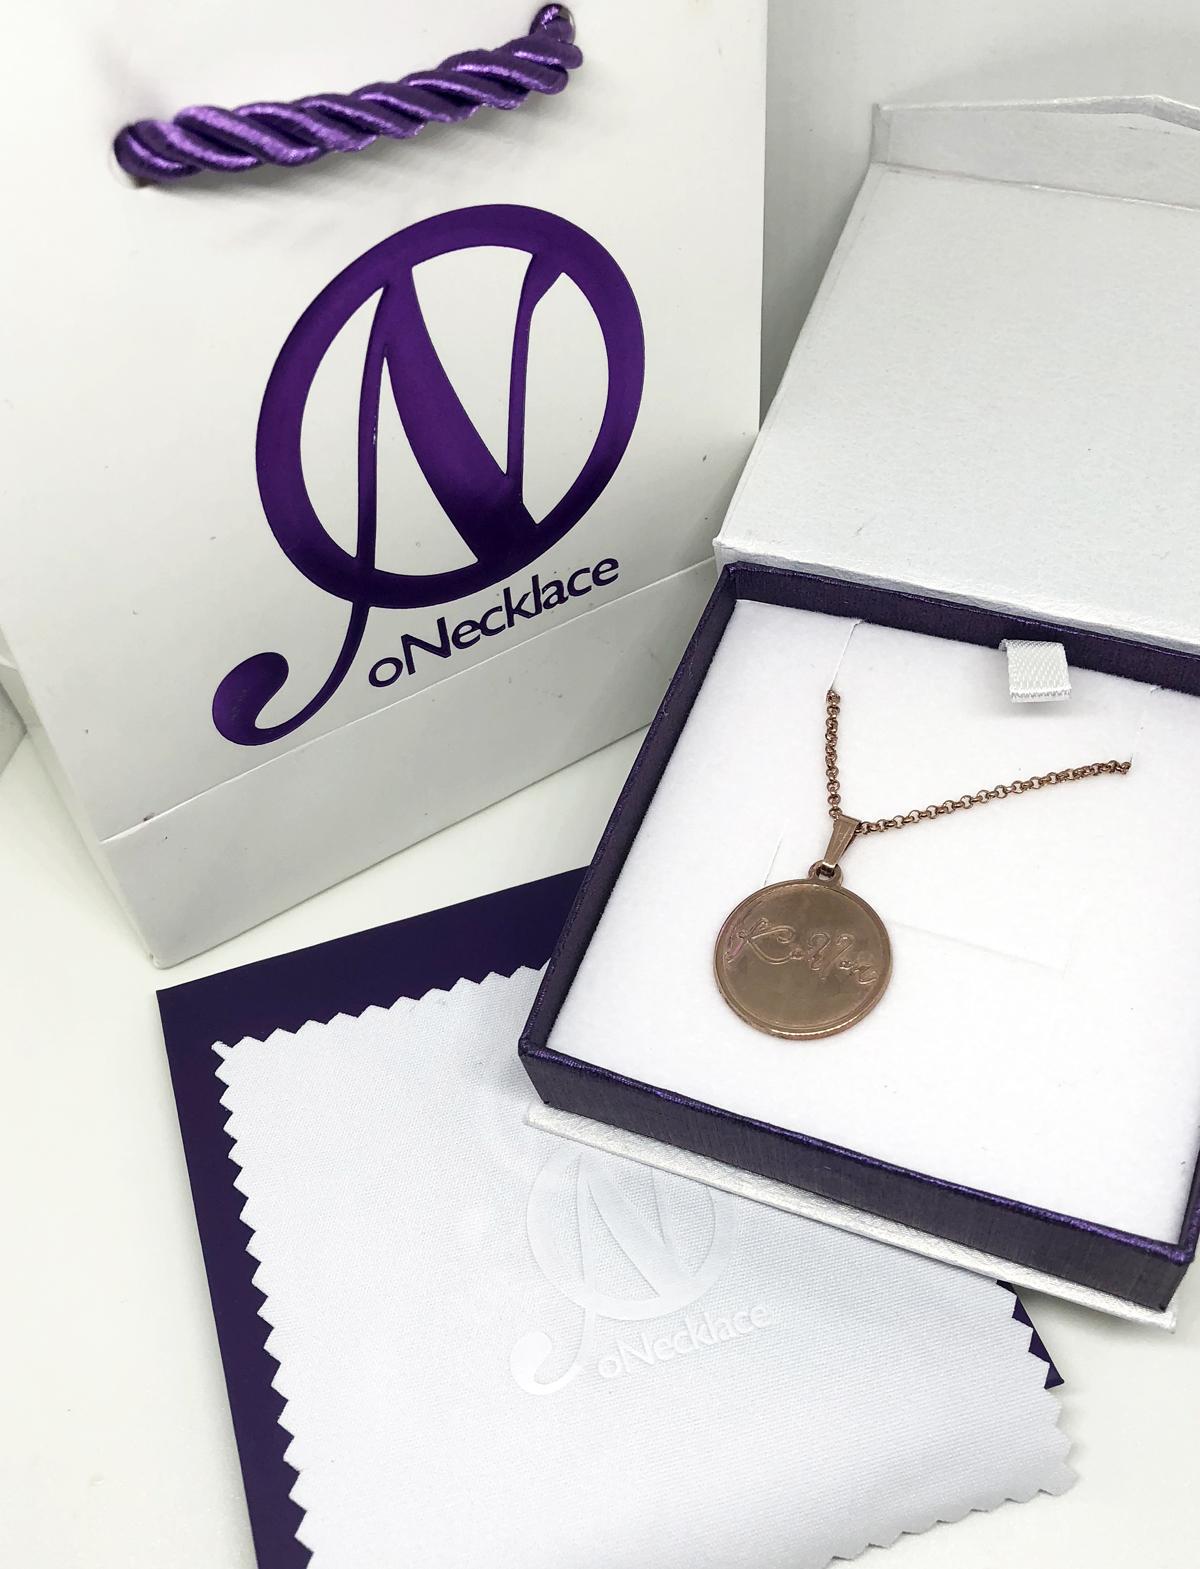 oNecklacecustom jewelry